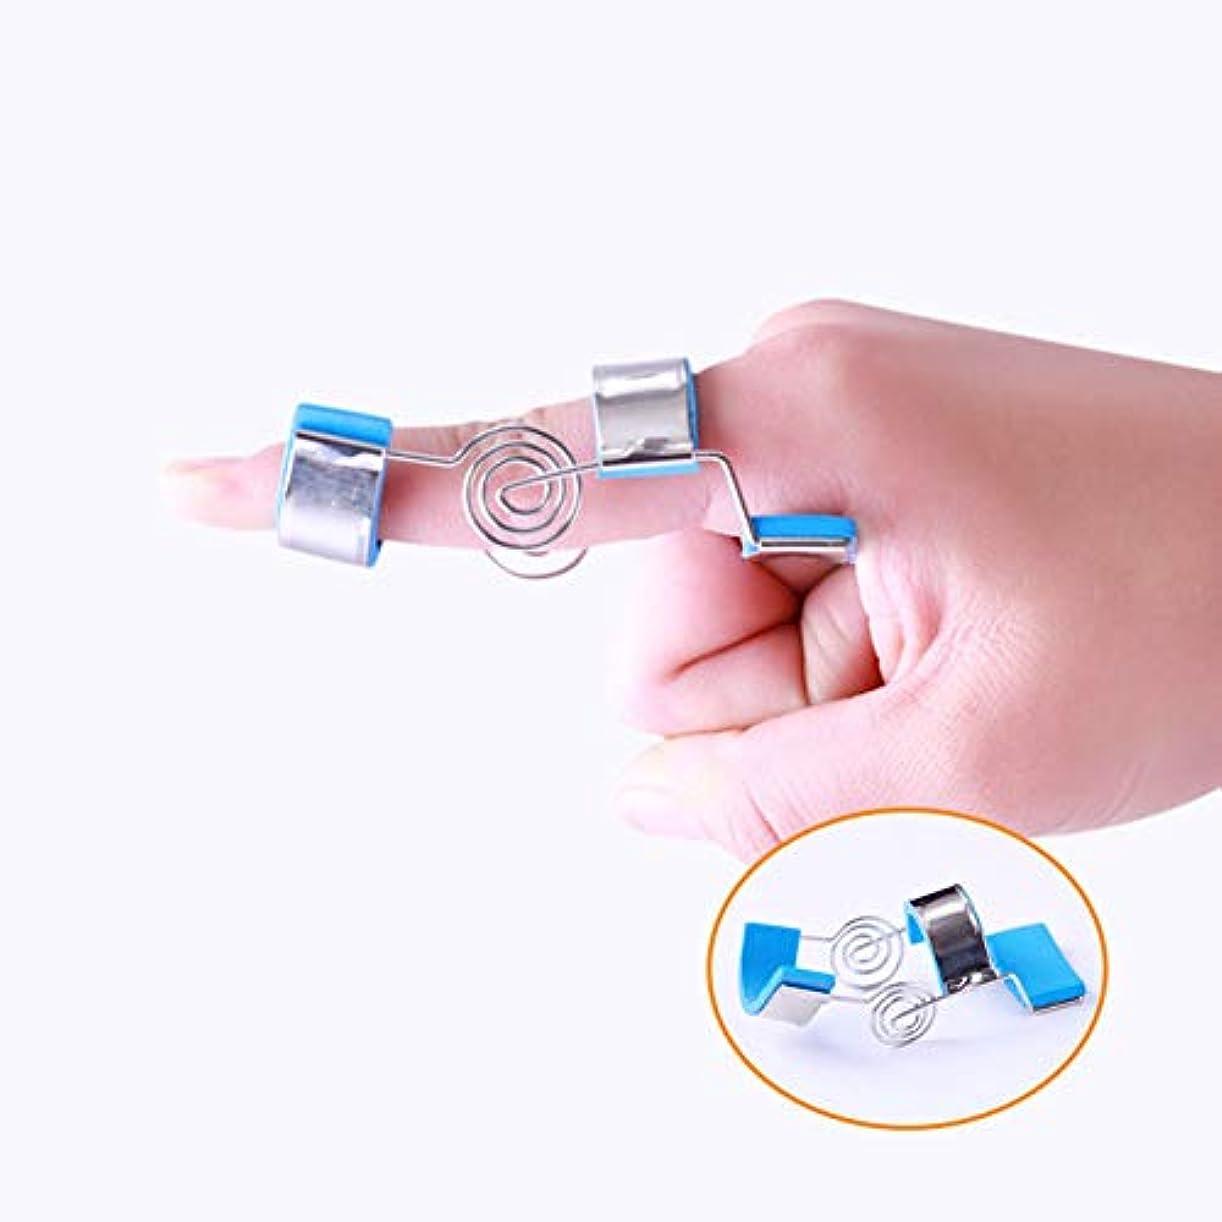 恩赦やるダイエット指関節可動性手機能トレーニング肌に優しい調整可能な洗える指補正器(ブルー),S